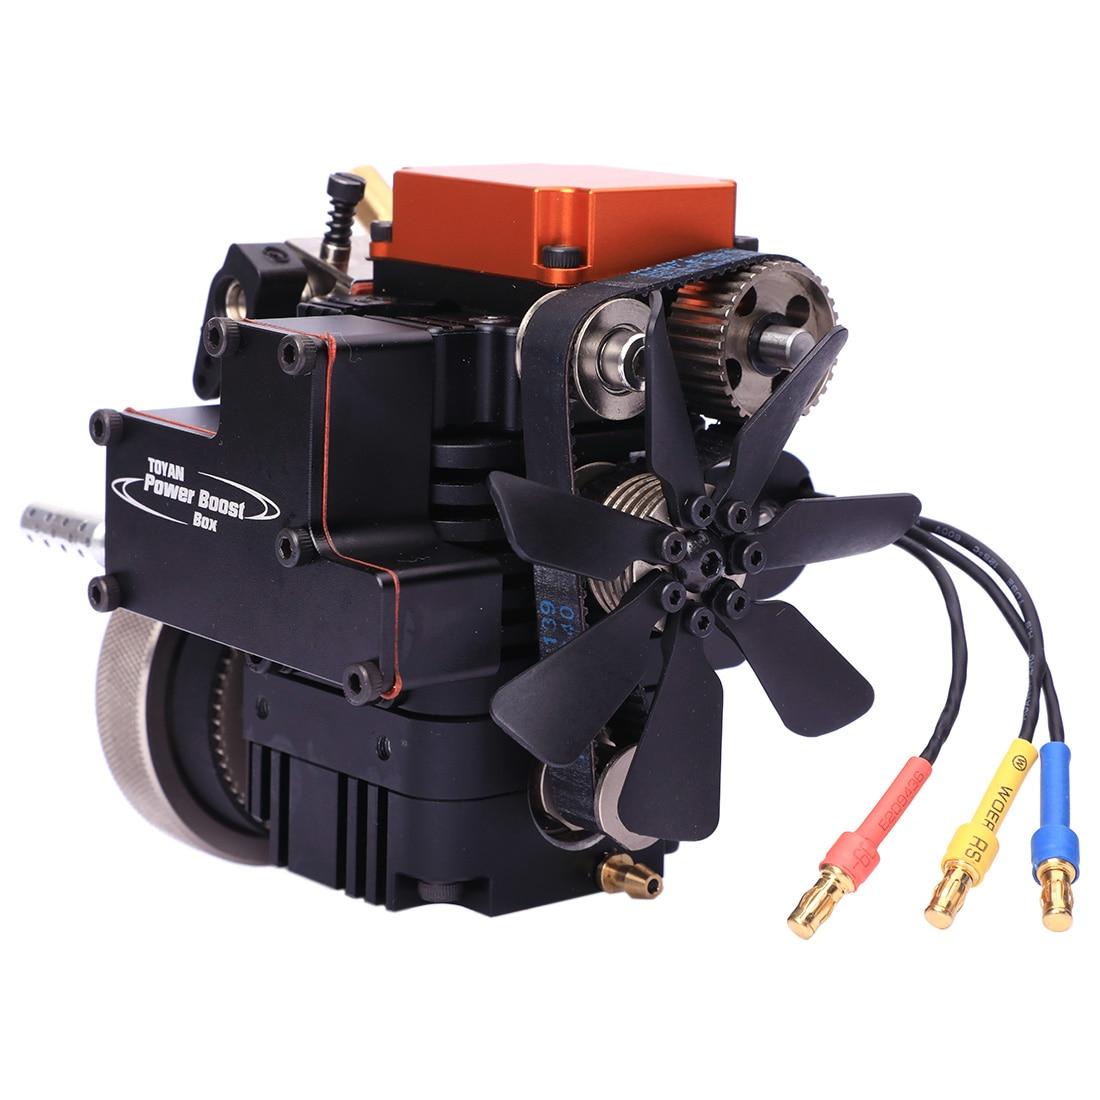 Motor de modelo de metanol de cuatro tiempos Toyan con Motor de arranque para 1:10 1:12 1:14 RC coche barco avión FS S100G-in Kits de construcción de maquetas from Juguetes y pasatiempos    1